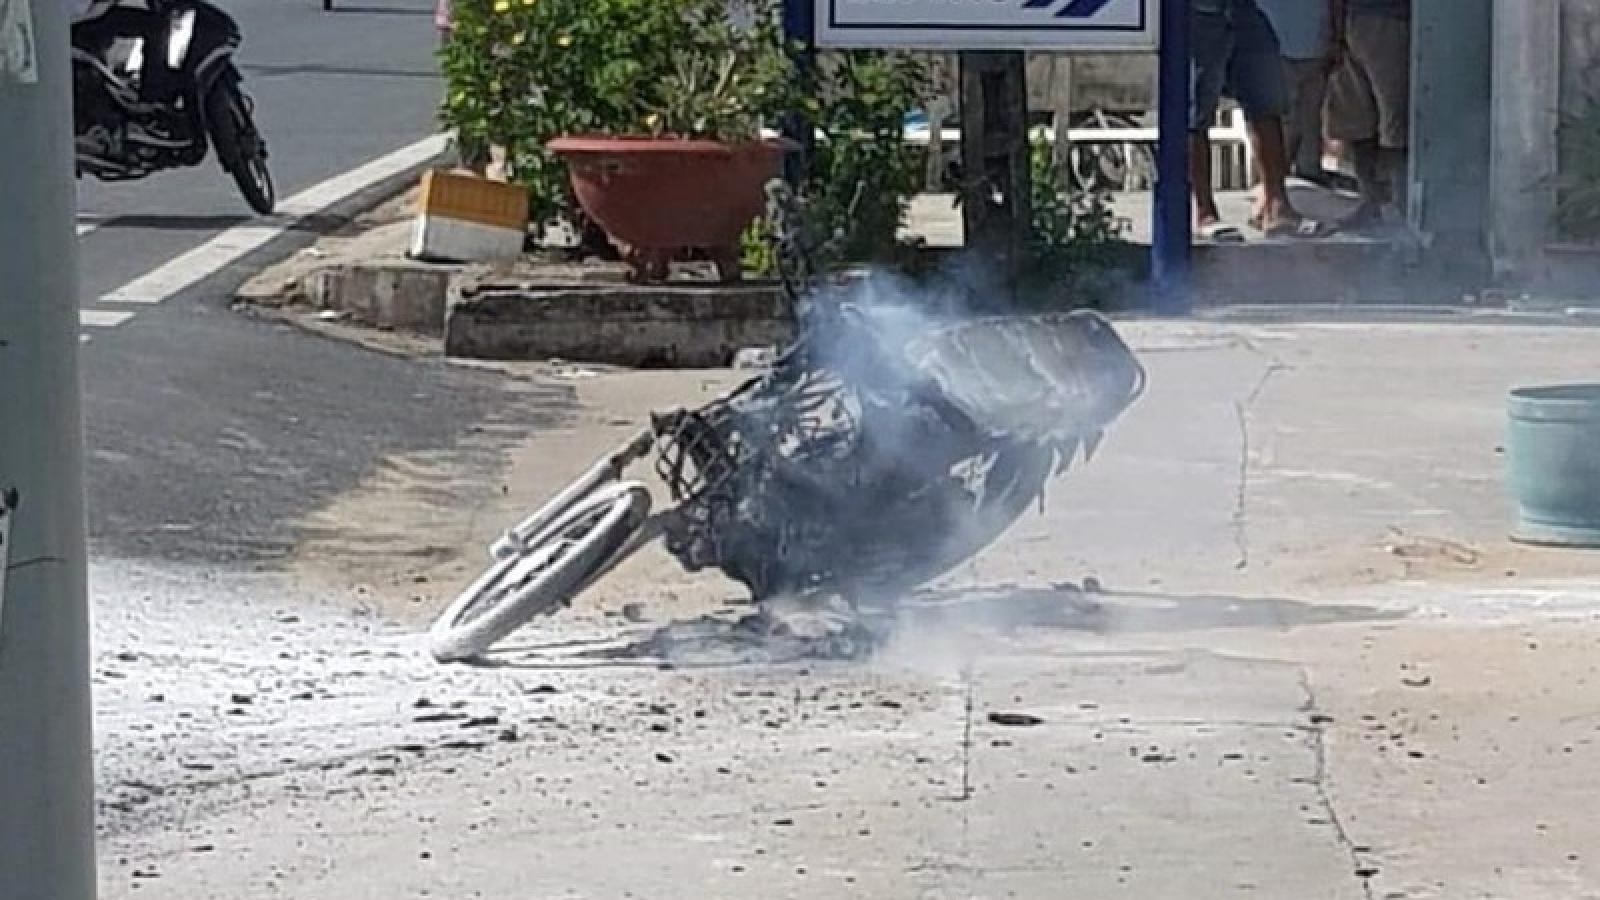 Xe máy bốc cháy dữ dội sau khi đổ xăng